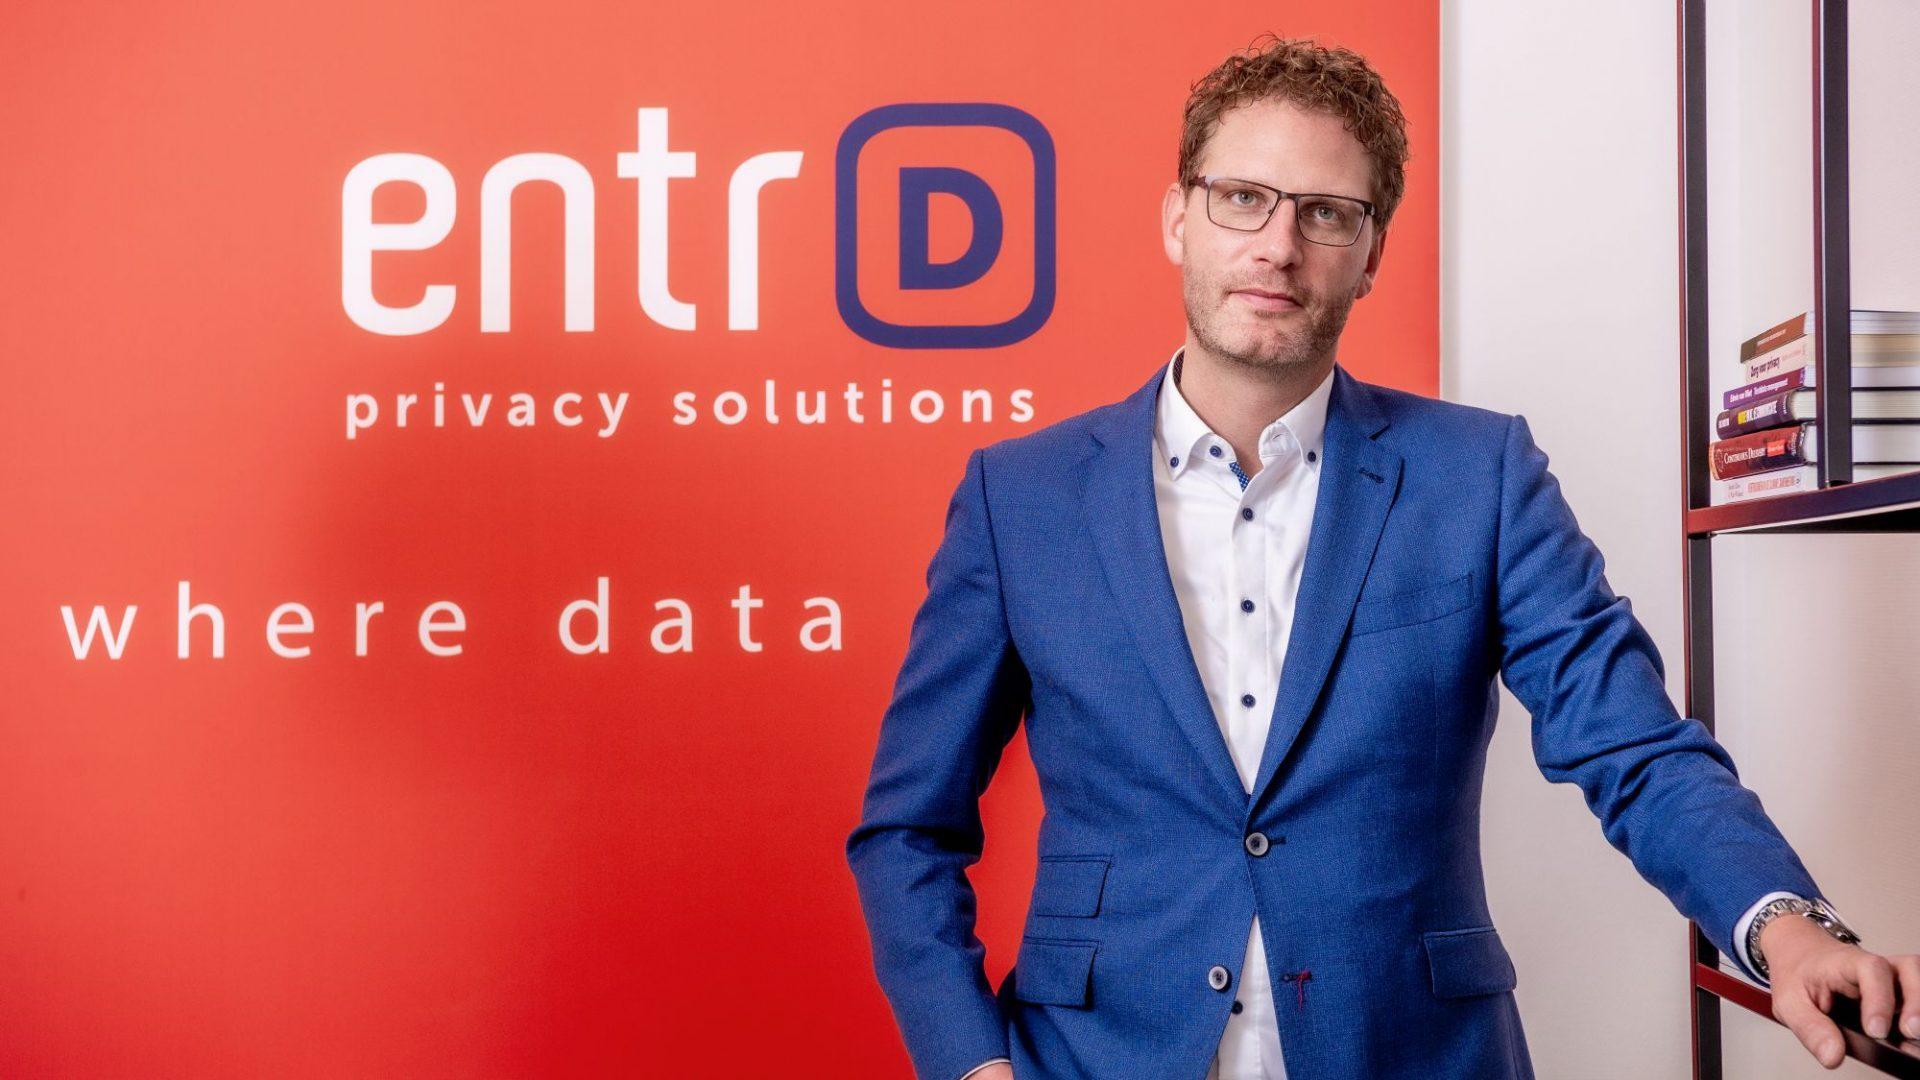 Het verhaal van EntrD: onbruikbare data bruikbaar maken